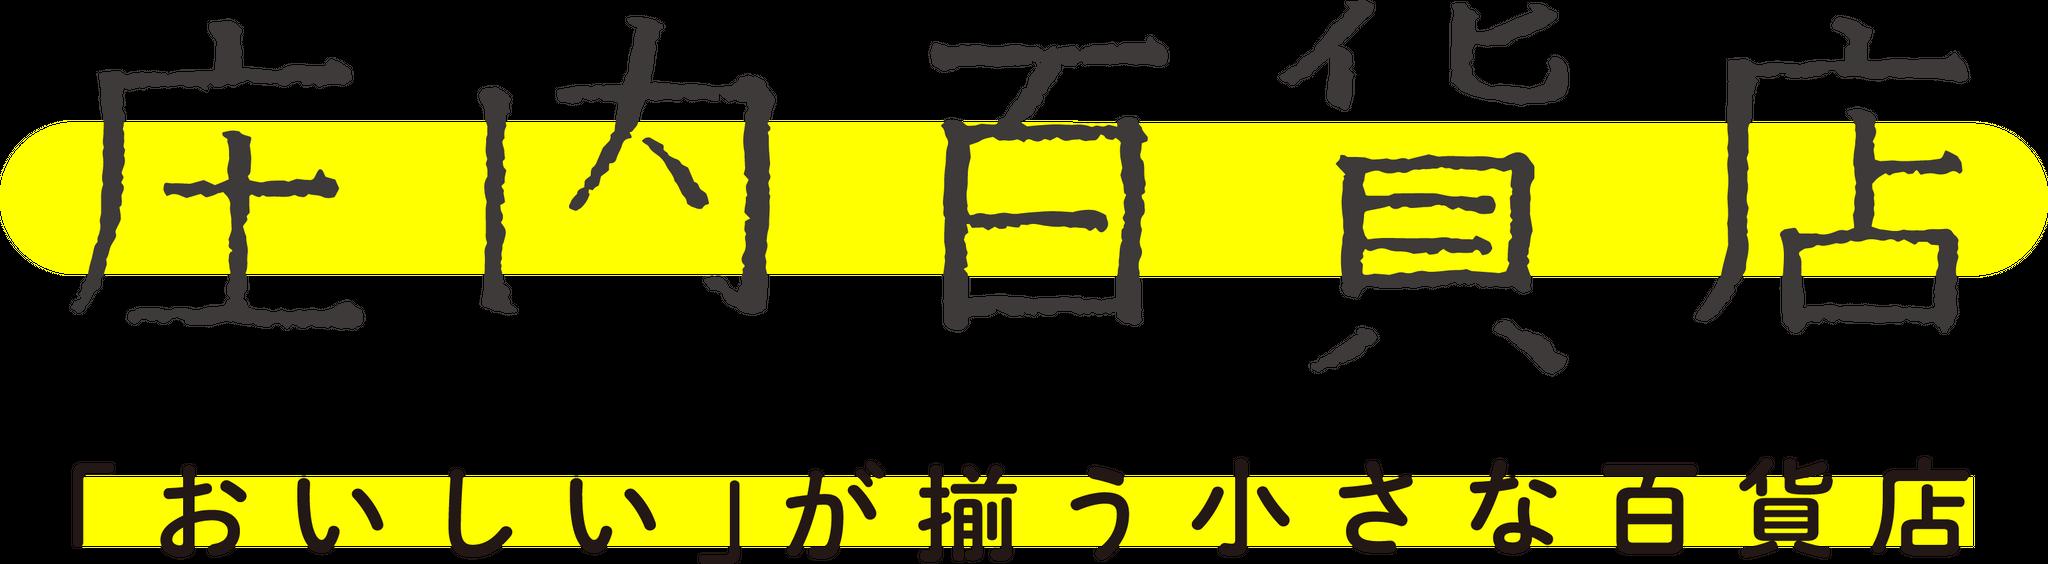 庄内百貨店 [shonaihyakkaten]